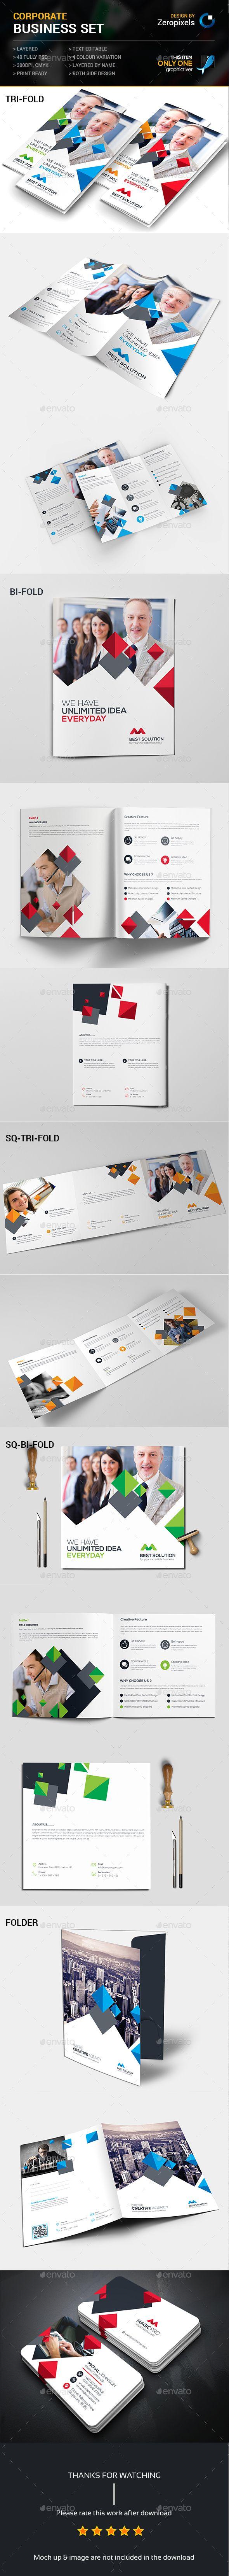 Corporate Business Brochures Set